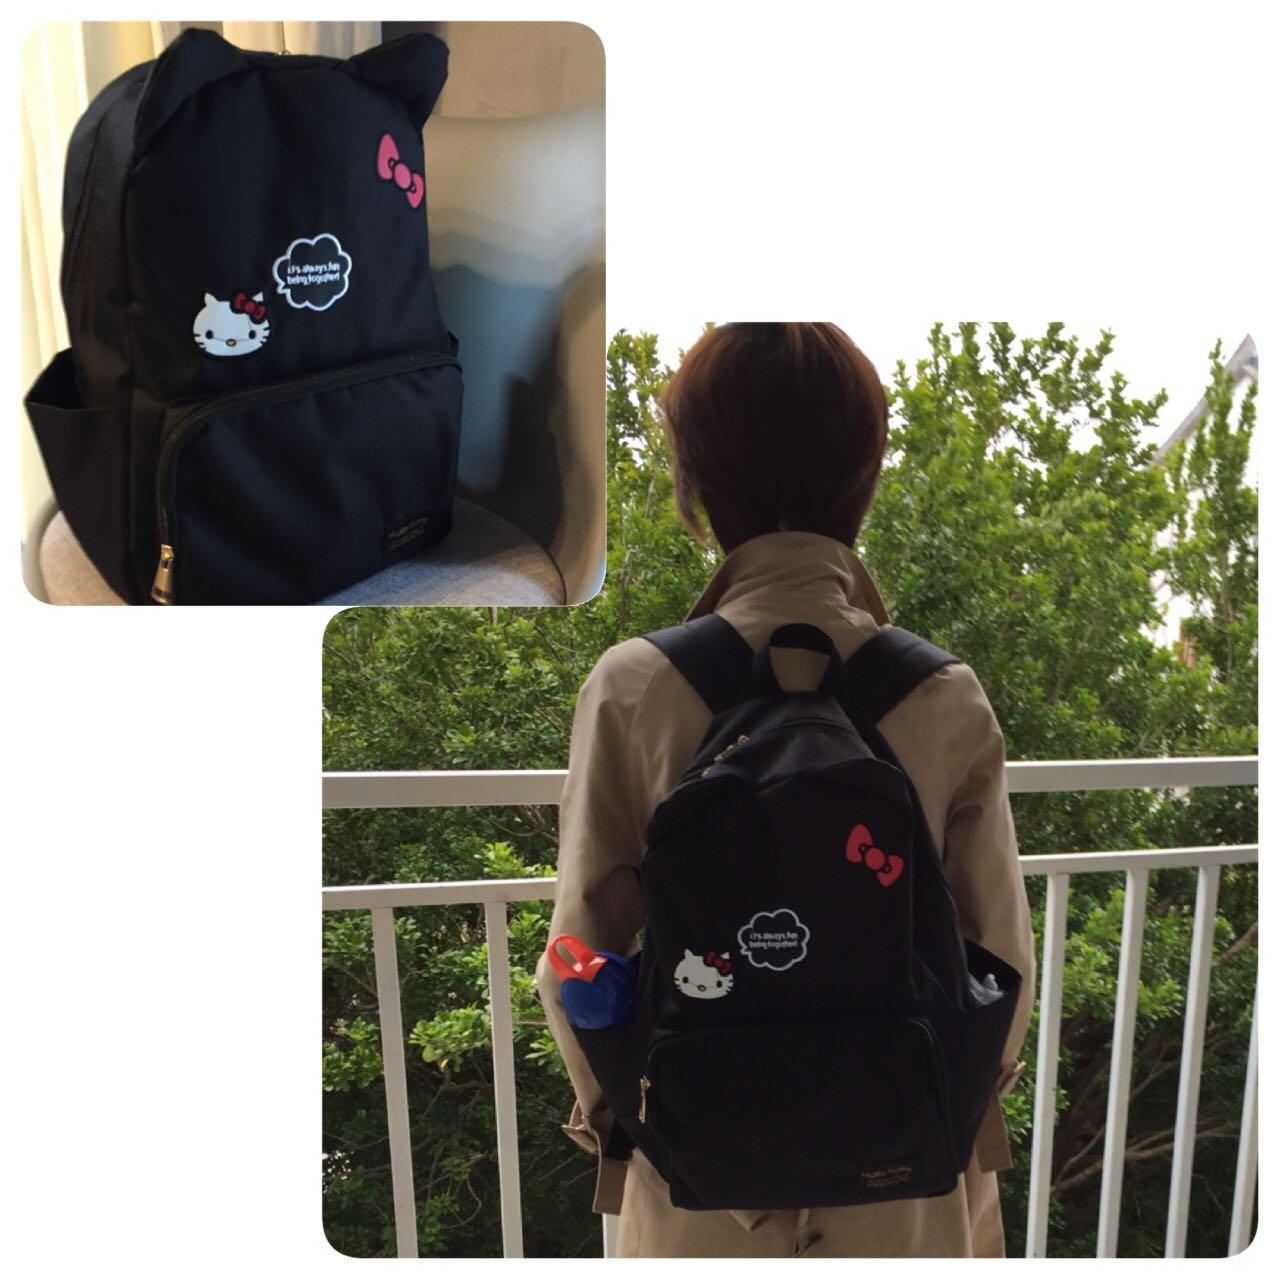 可�劭ㄍ�hellokitty大容量旅行背包休�e行李袋�W生�p肩��包